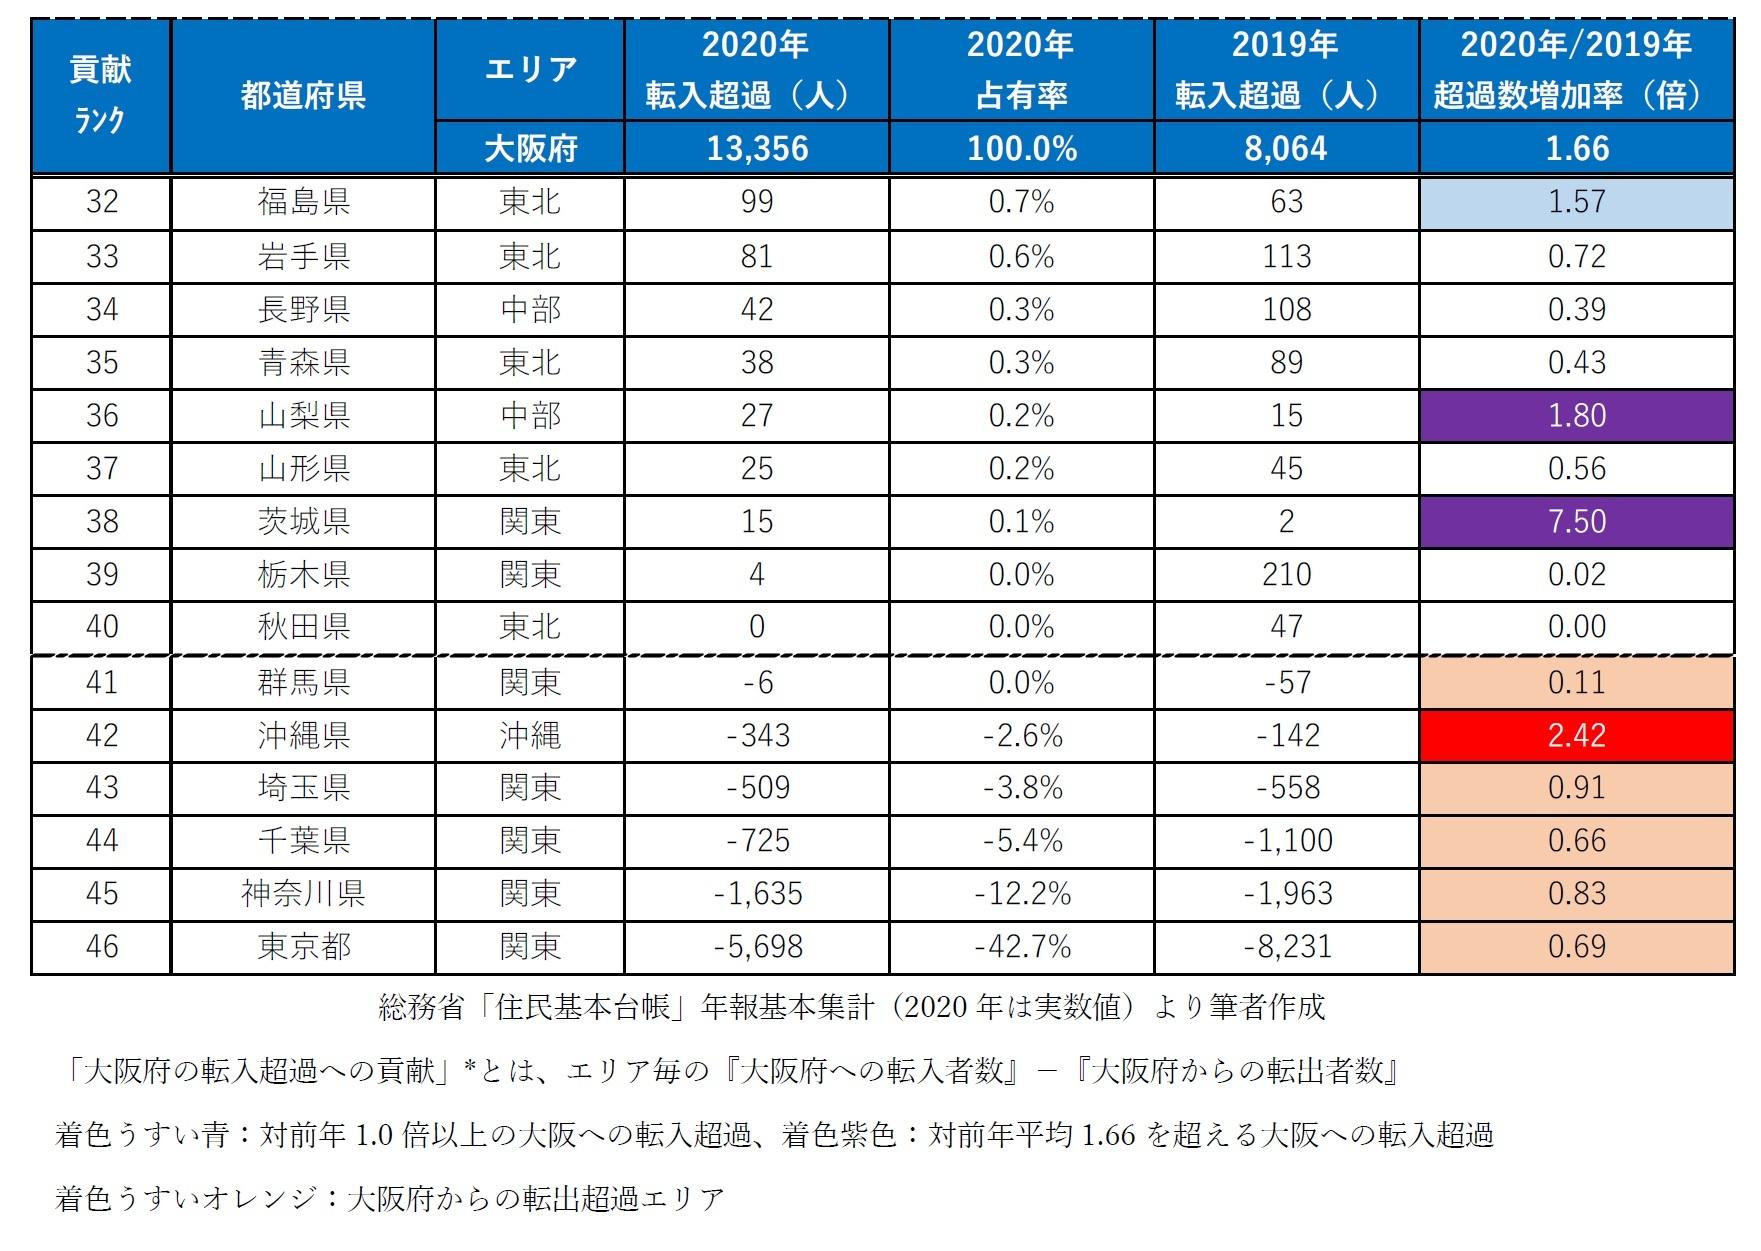 【図表1-2】2020年 社会移動による「大阪府の転入超過への貢献*度」都道府県ランキング(人・倍)